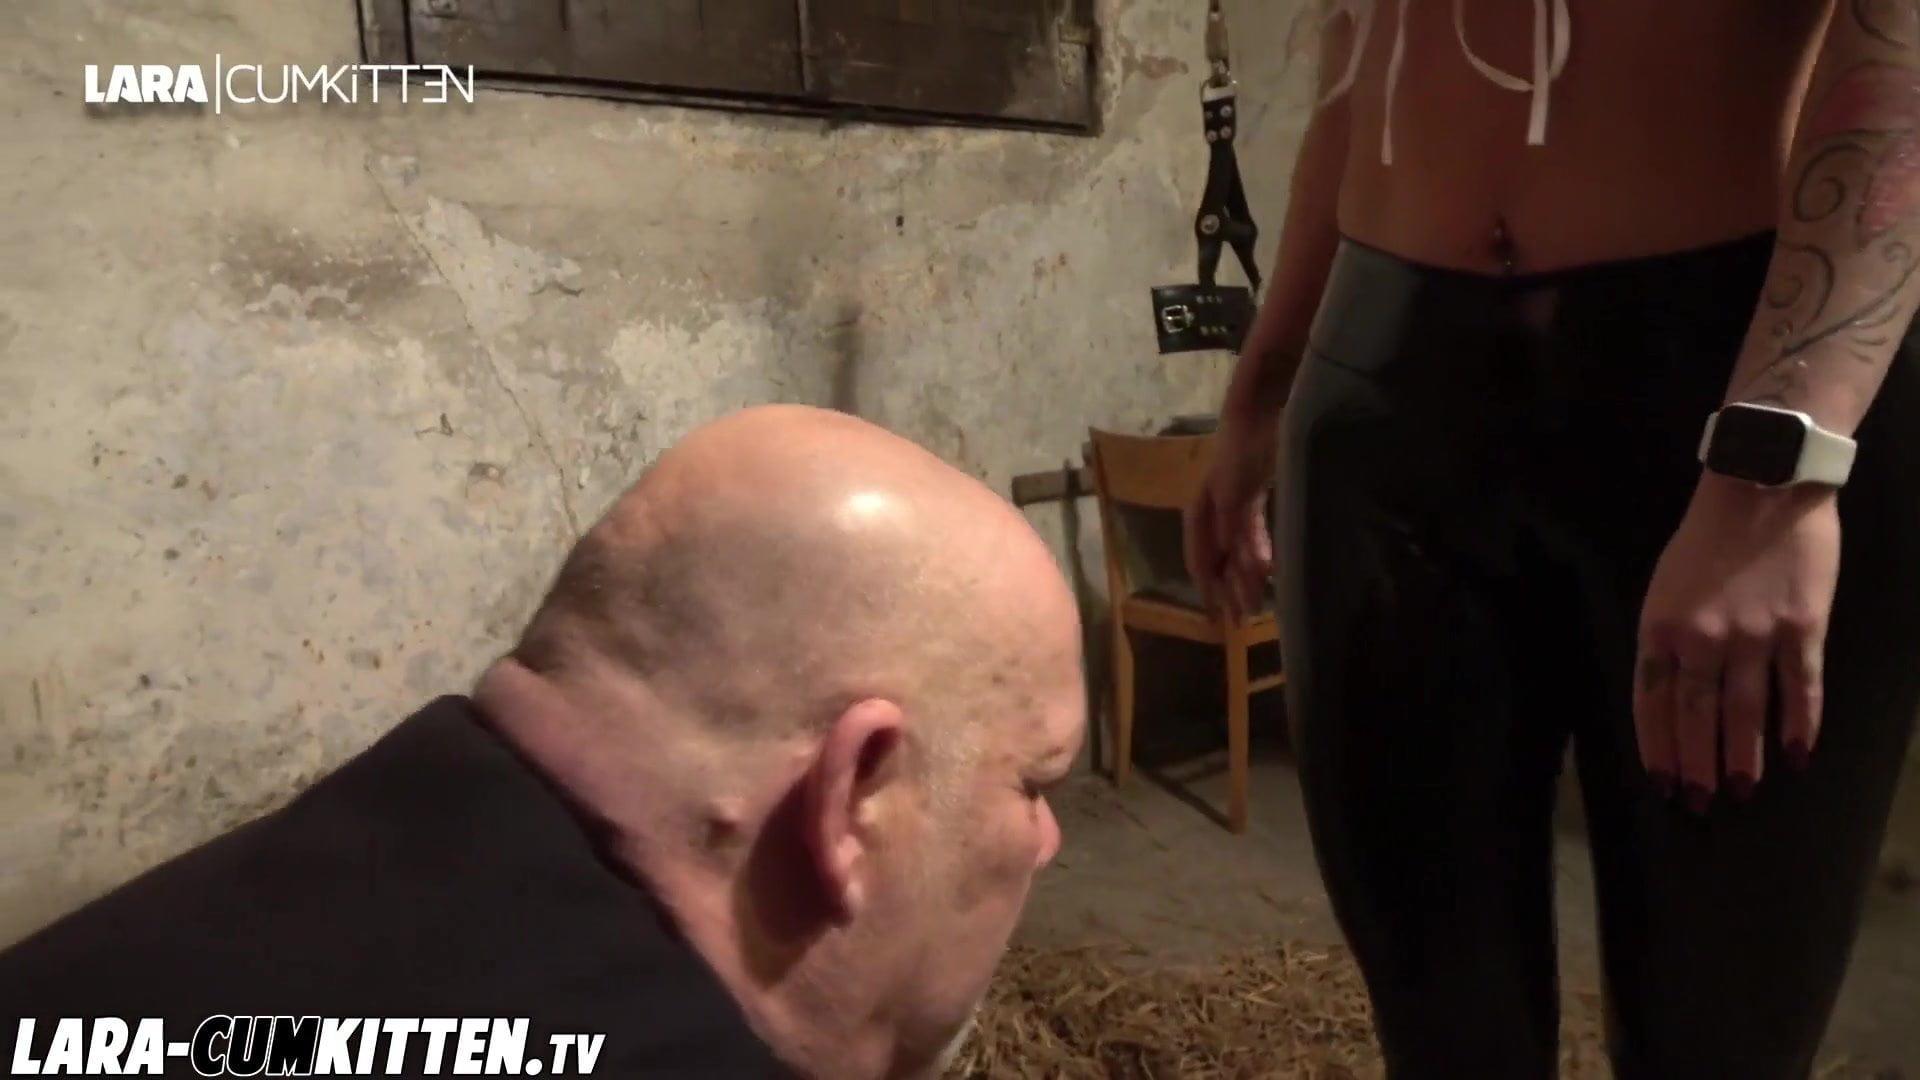 Gib Mit Deinen Arsch, Sklave